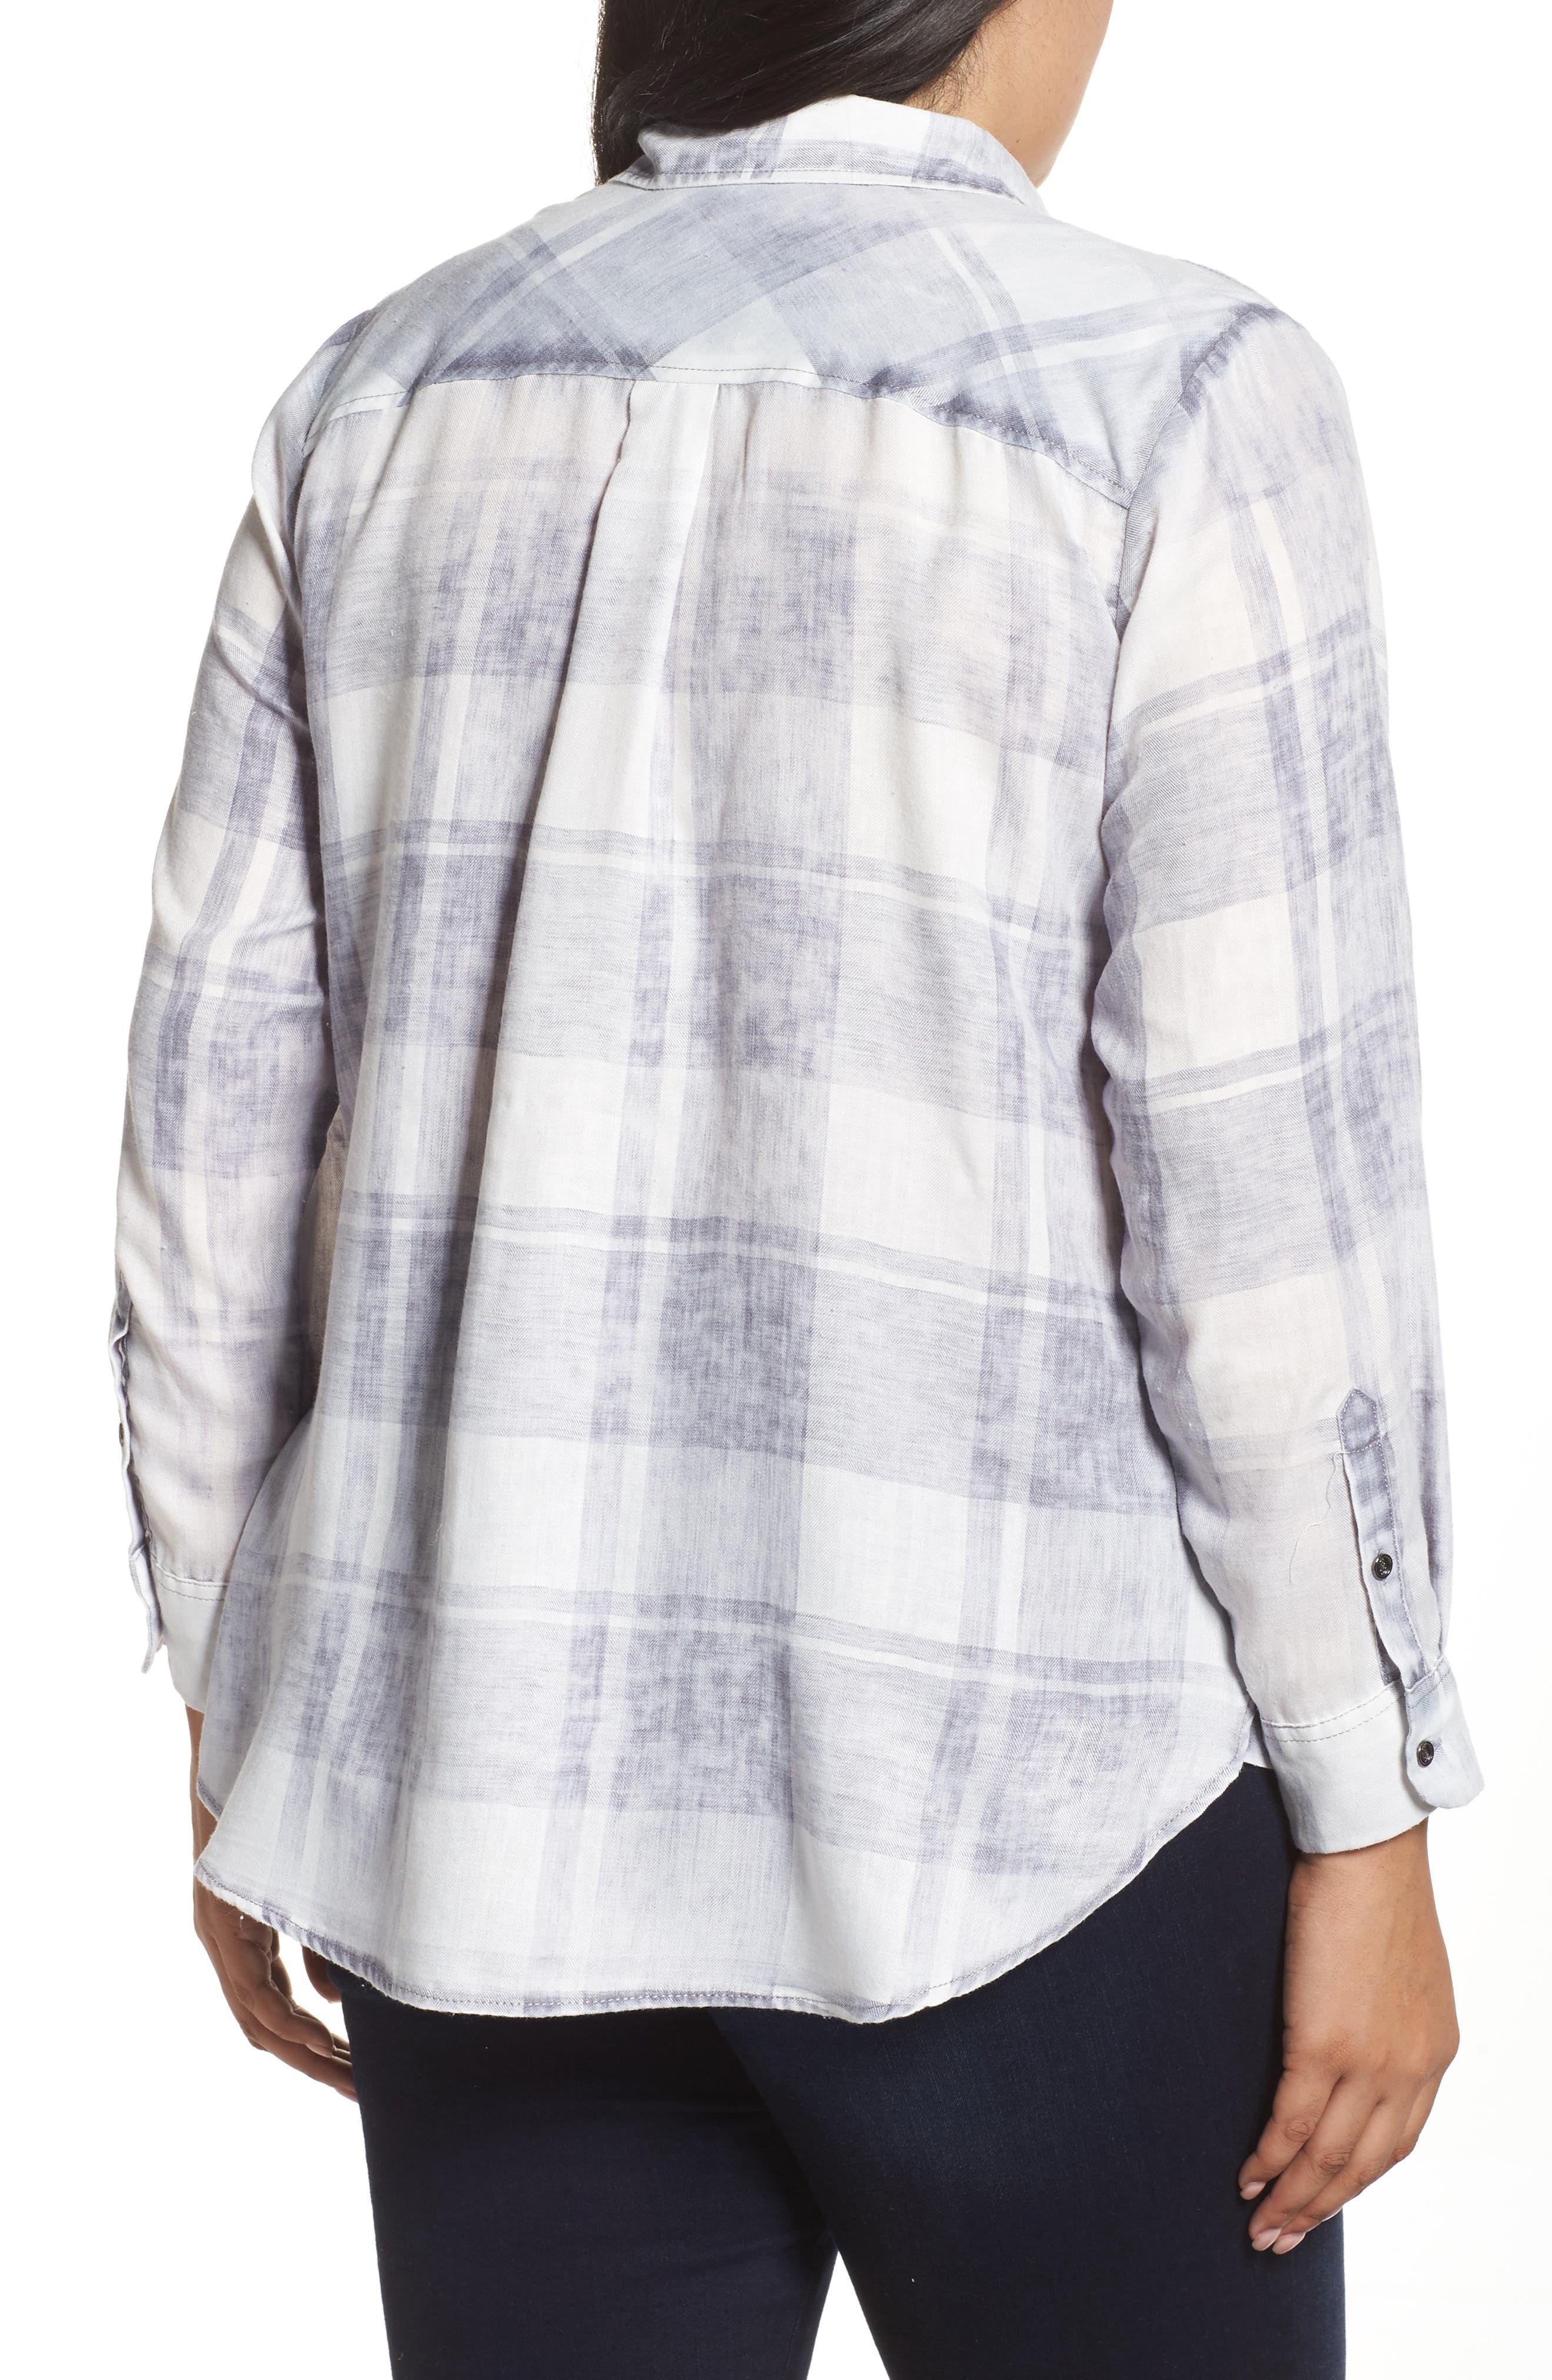 Alternate Image 2  - Two by Vince Camuto Quaint Plaid Button Down Shirt (Plus Size)